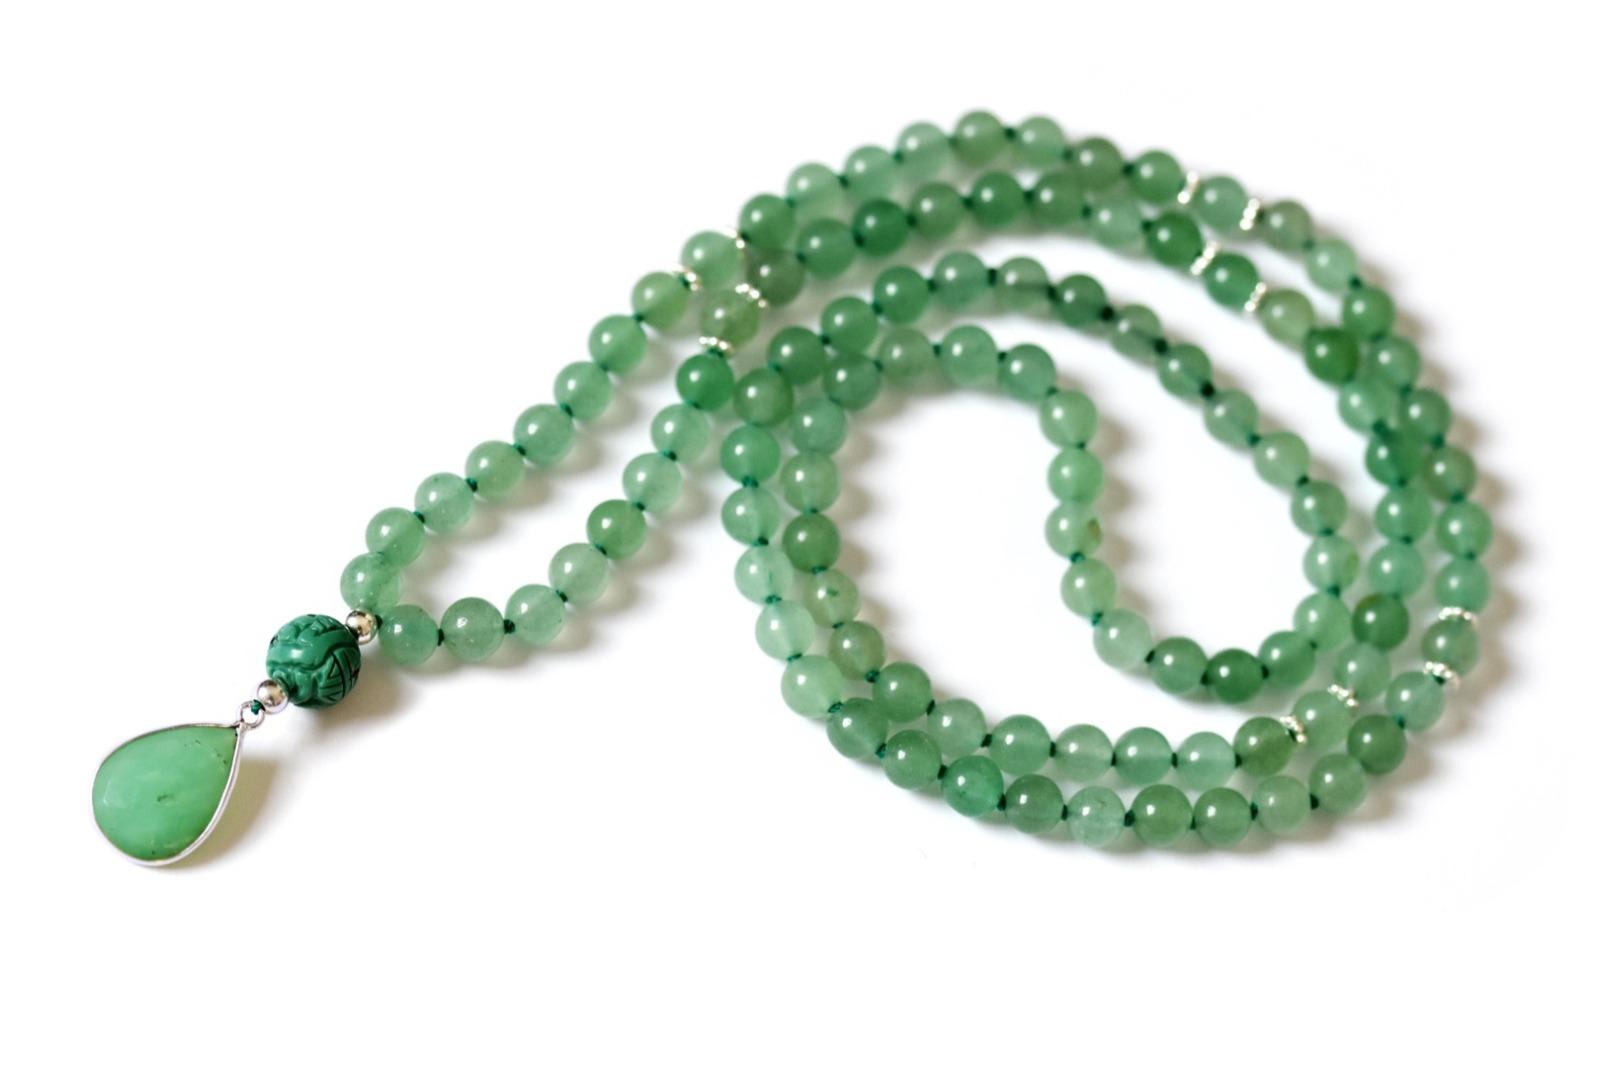 108 pearls - DIY Workshop 5